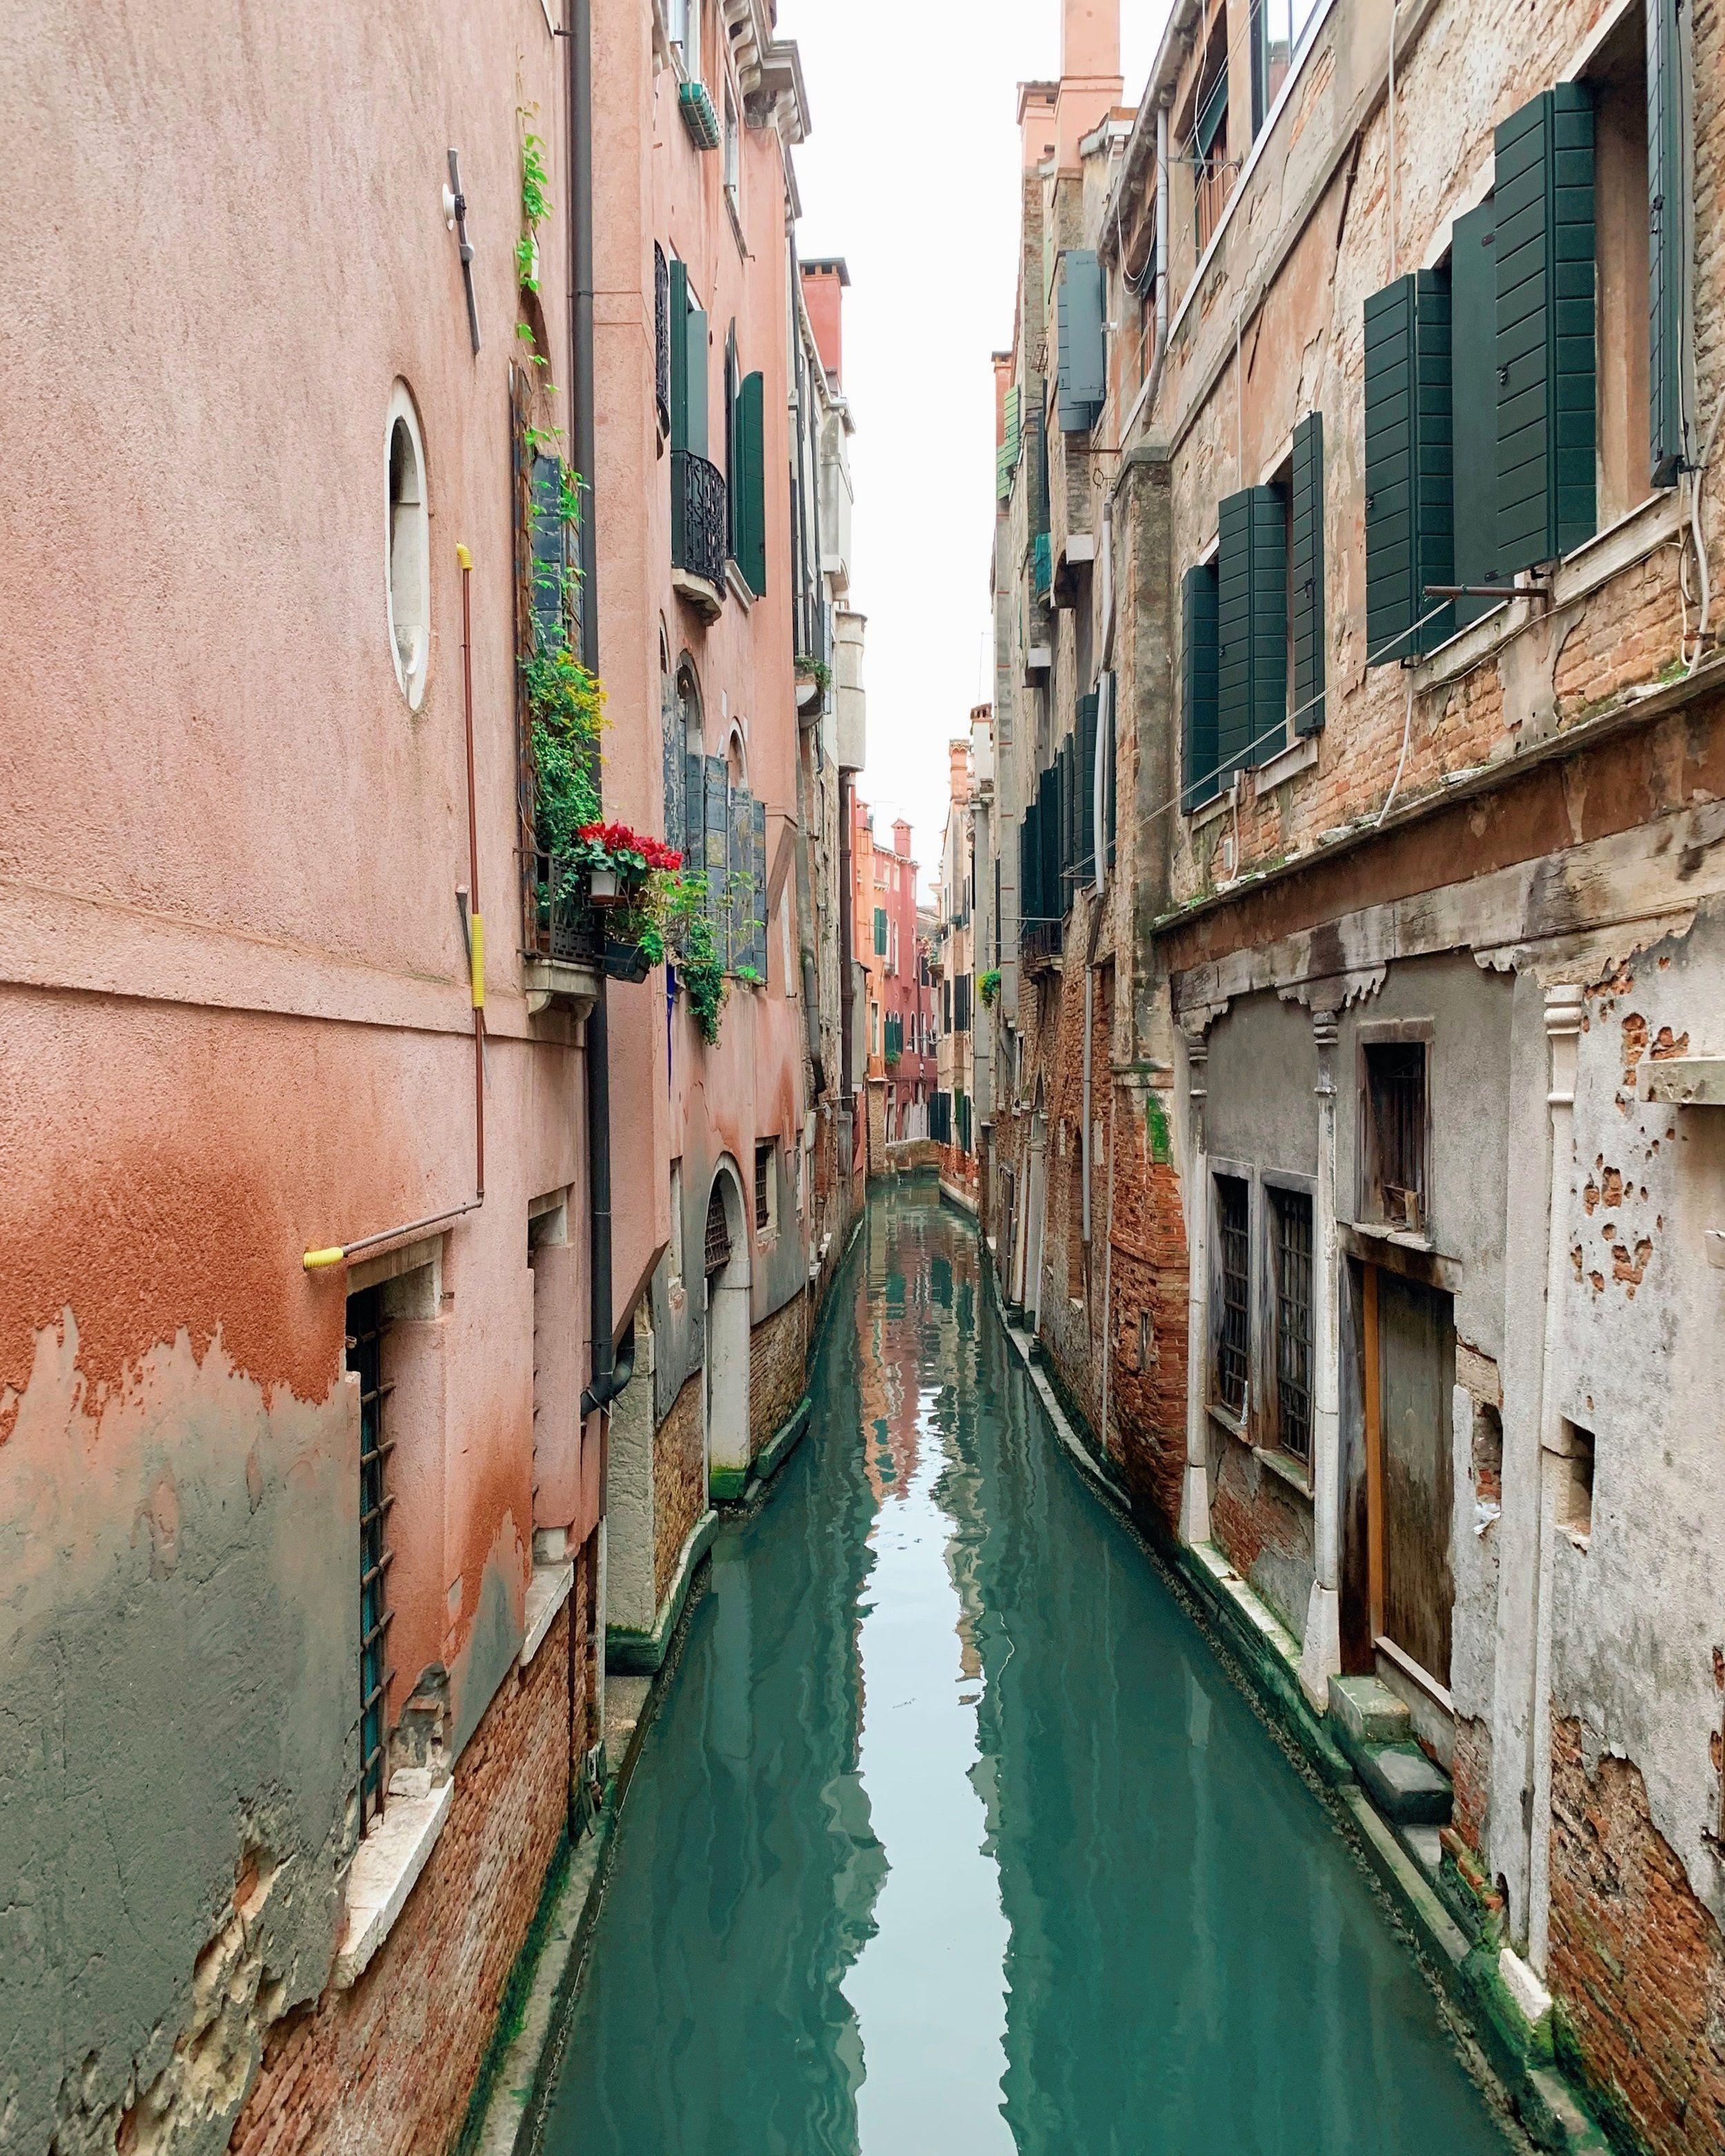 Venice Italy Travel Guide #paisajeurbano